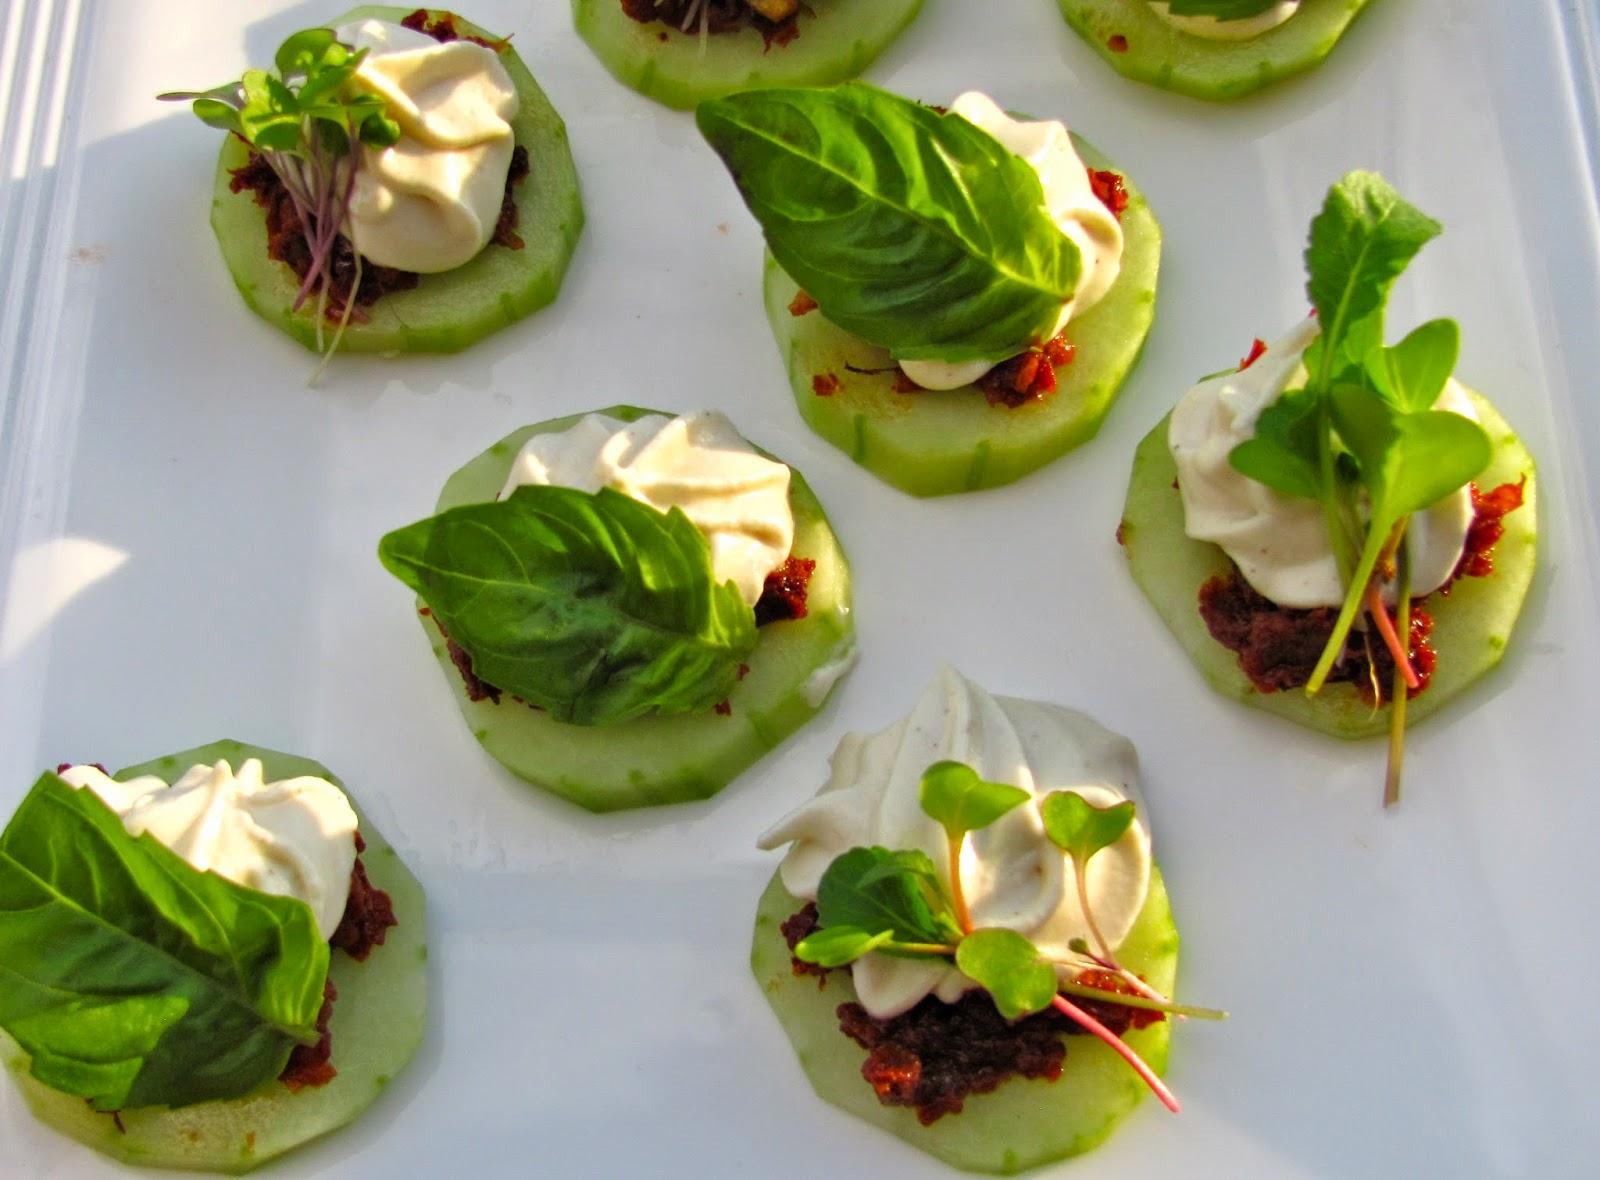 vegan catering denver | gluten free caterer denver | vegetarian catering denver and boulder